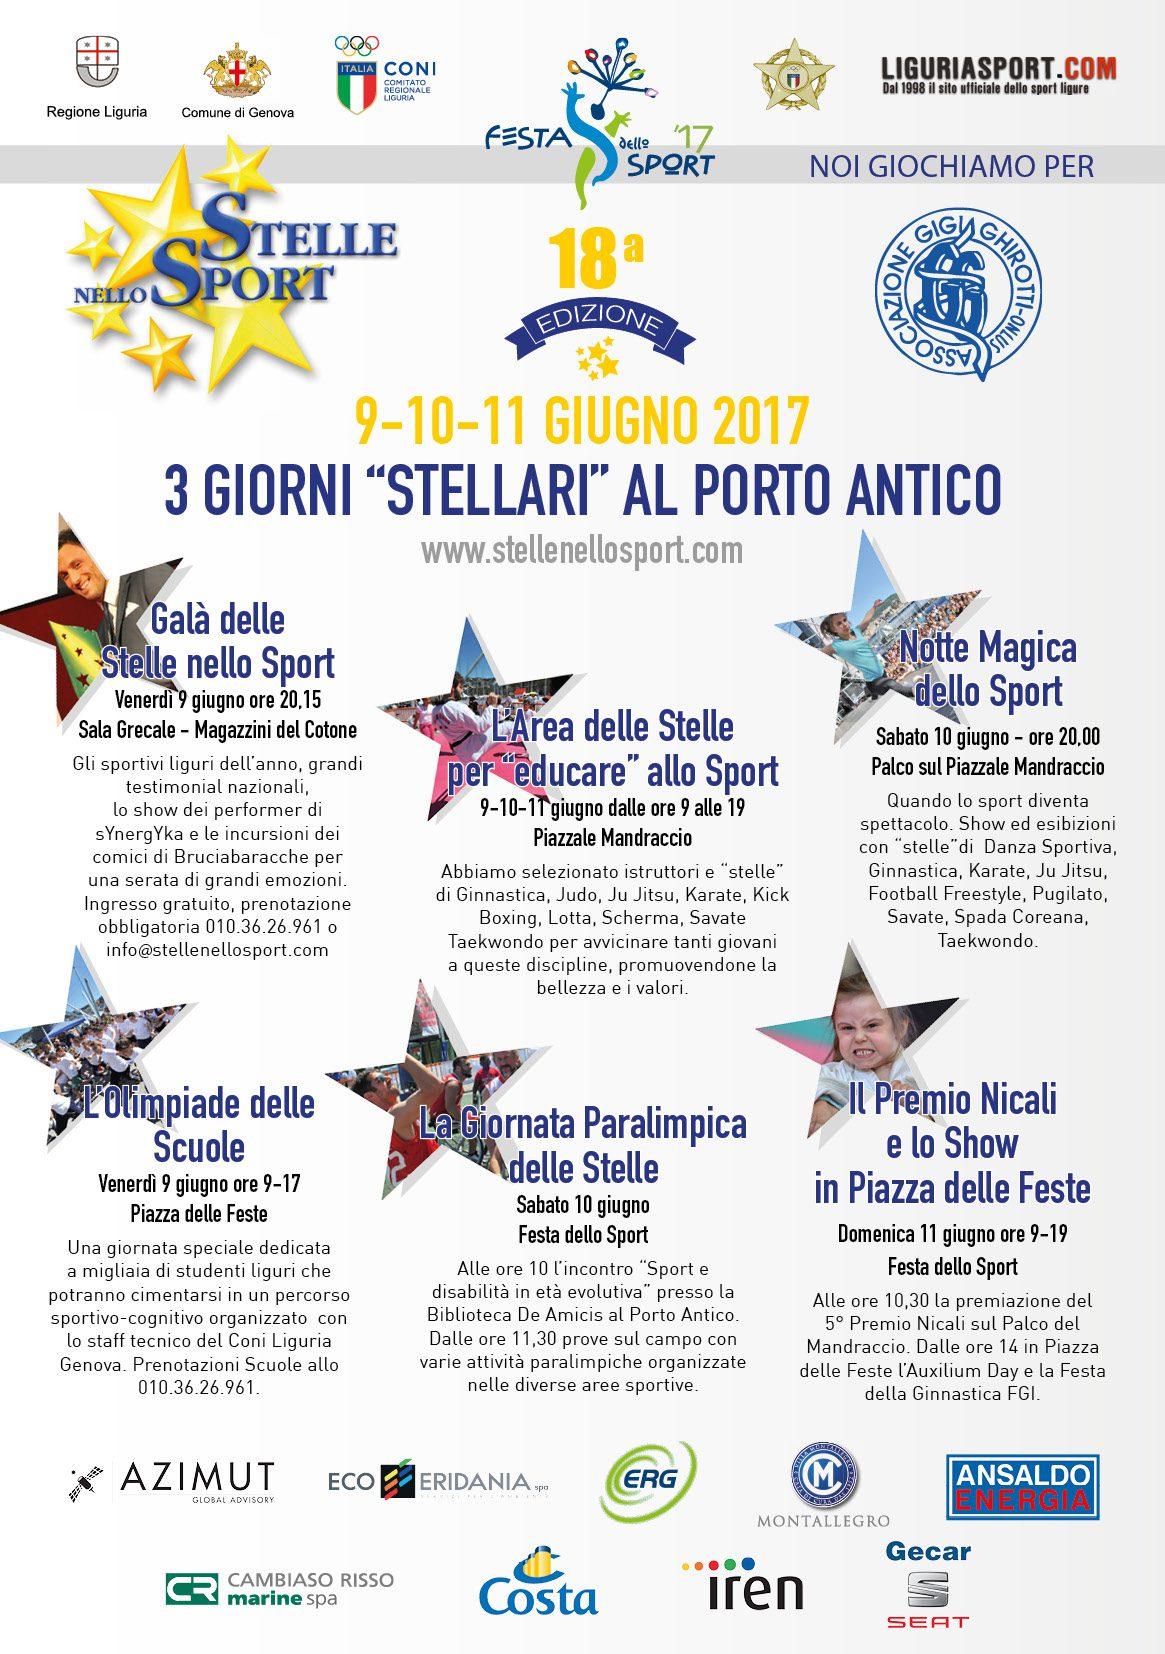 Tre Giorni Stellari Con Campioni Show Esibizioni Al Porto Antico Ecco La Festa Dello Sport Stellenellosport Com